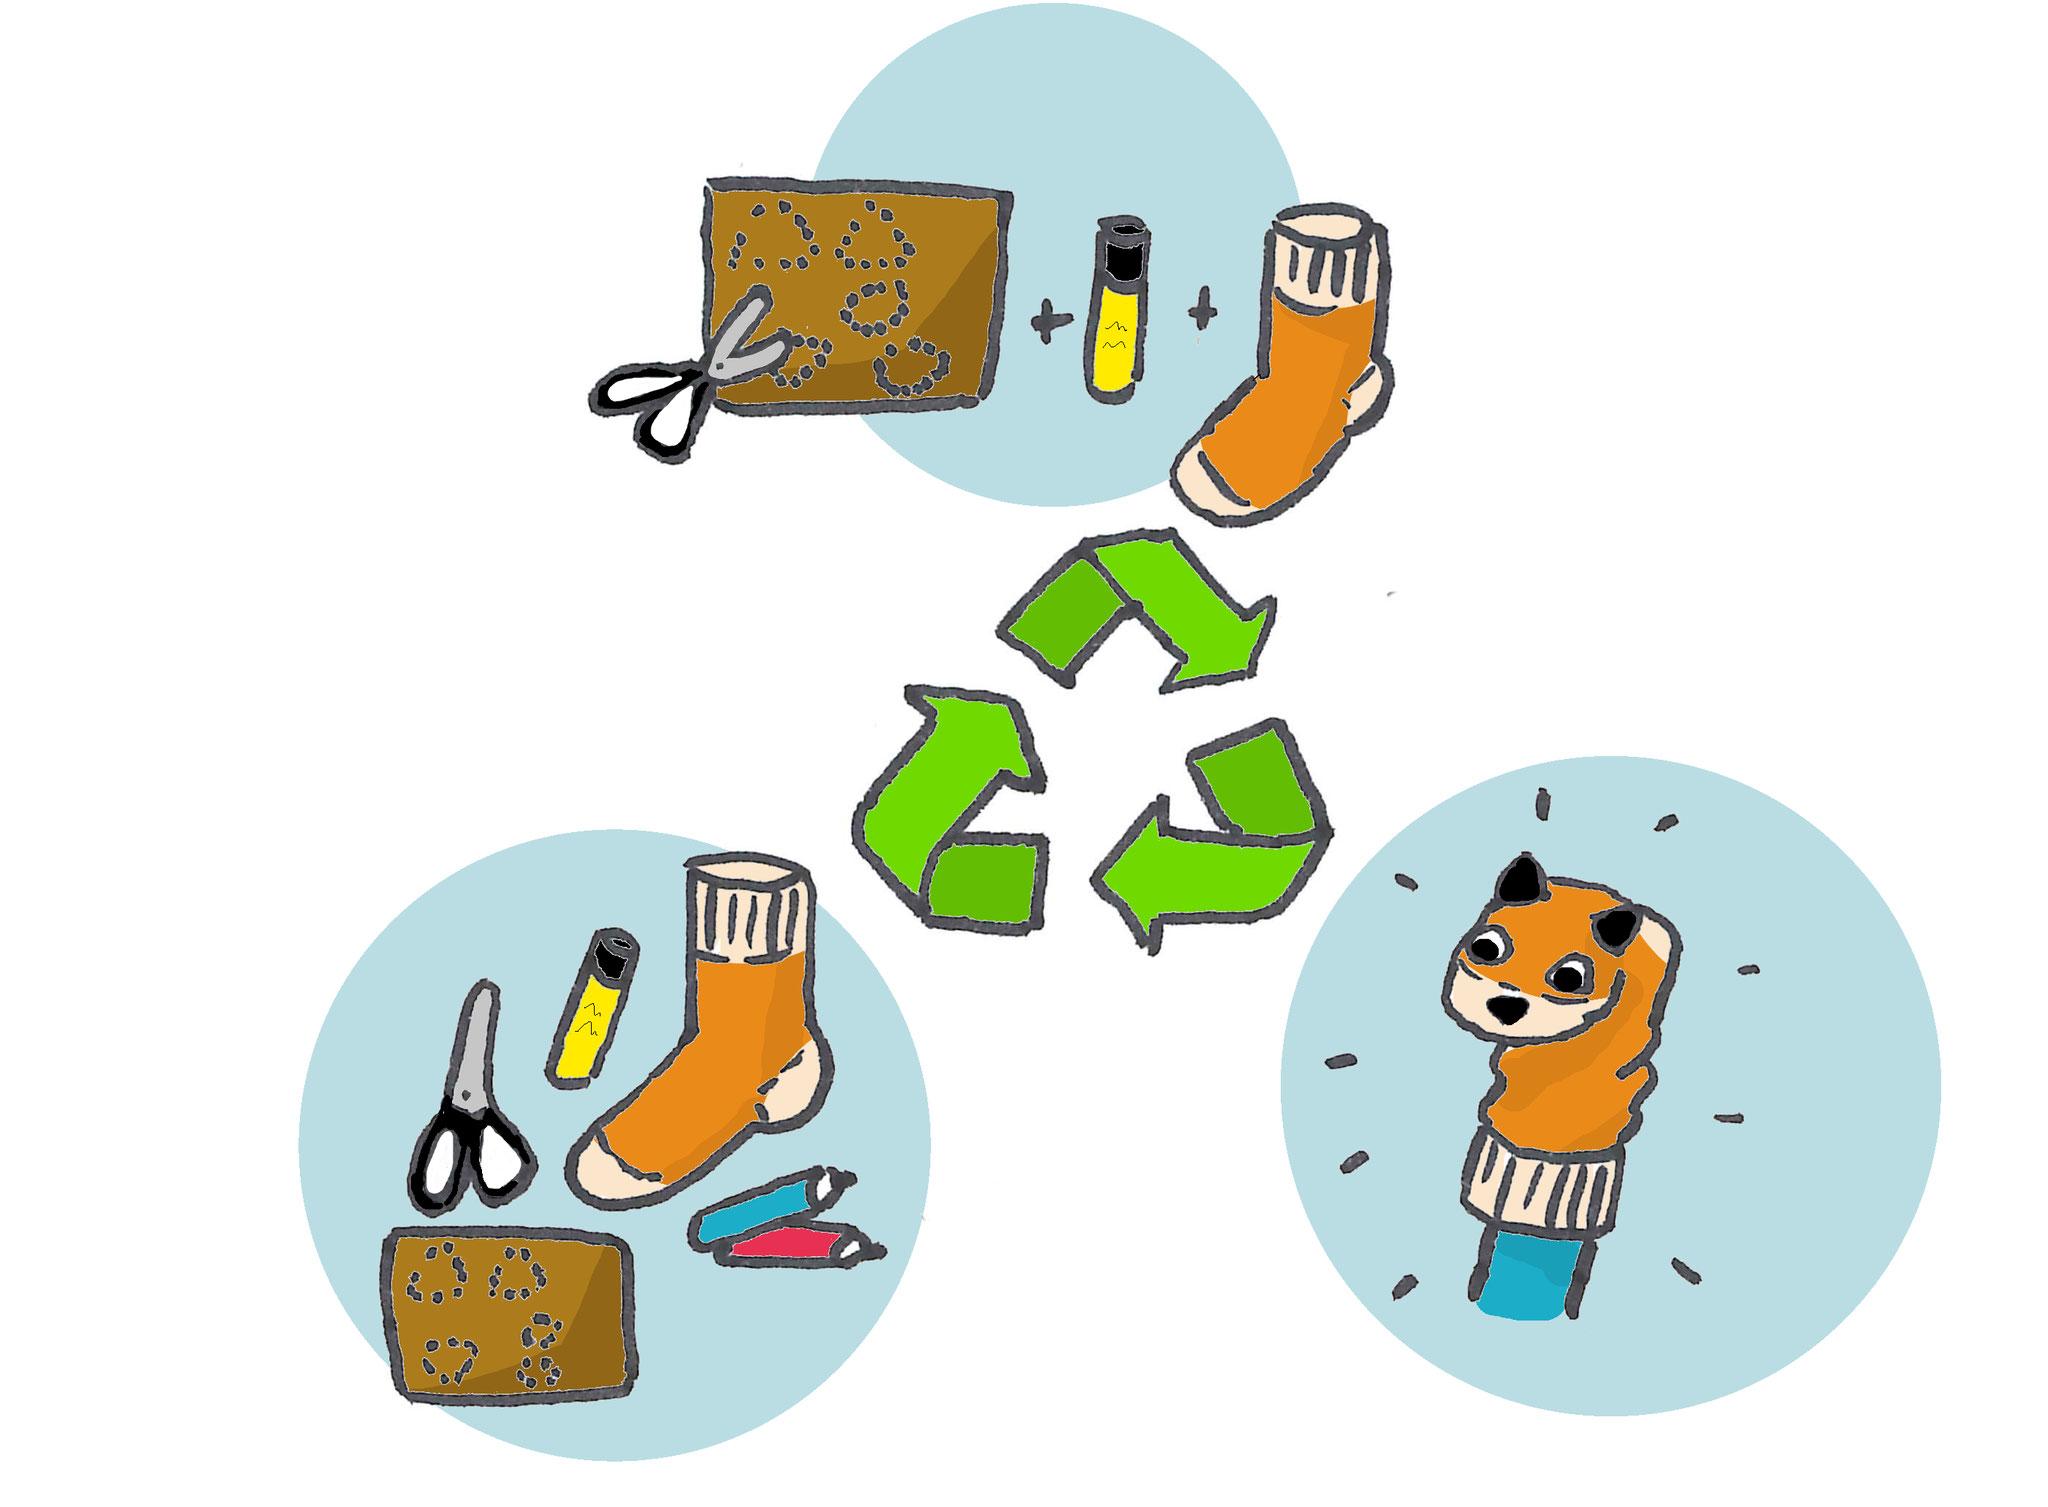 4. Aus Altem Neues machen: Vieles, was im Abfall landet, ist noch verwendbar. Bittet die Eltern, ausgewählte Abfälle beizusteuern. Materialien wie Styropor, Stoff, Kork und Holz bilden eine ideale Basis für nie gesehene Gefährte(n)!